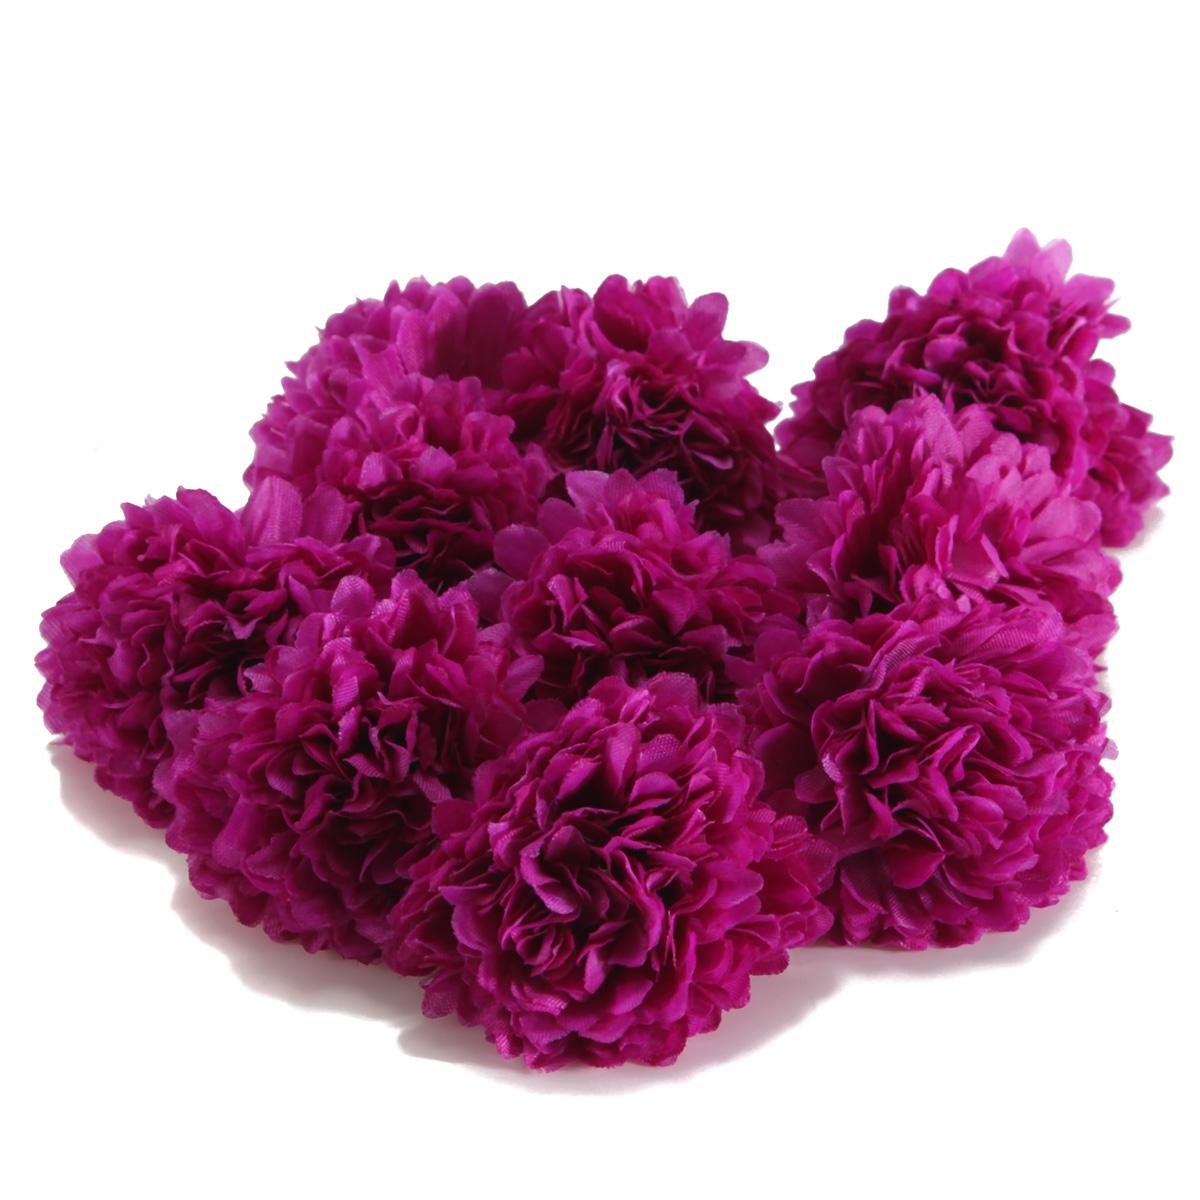 10pcs Artificial Flower Silk Clove Daisy Spherical Heads Bulk Home Wedding De